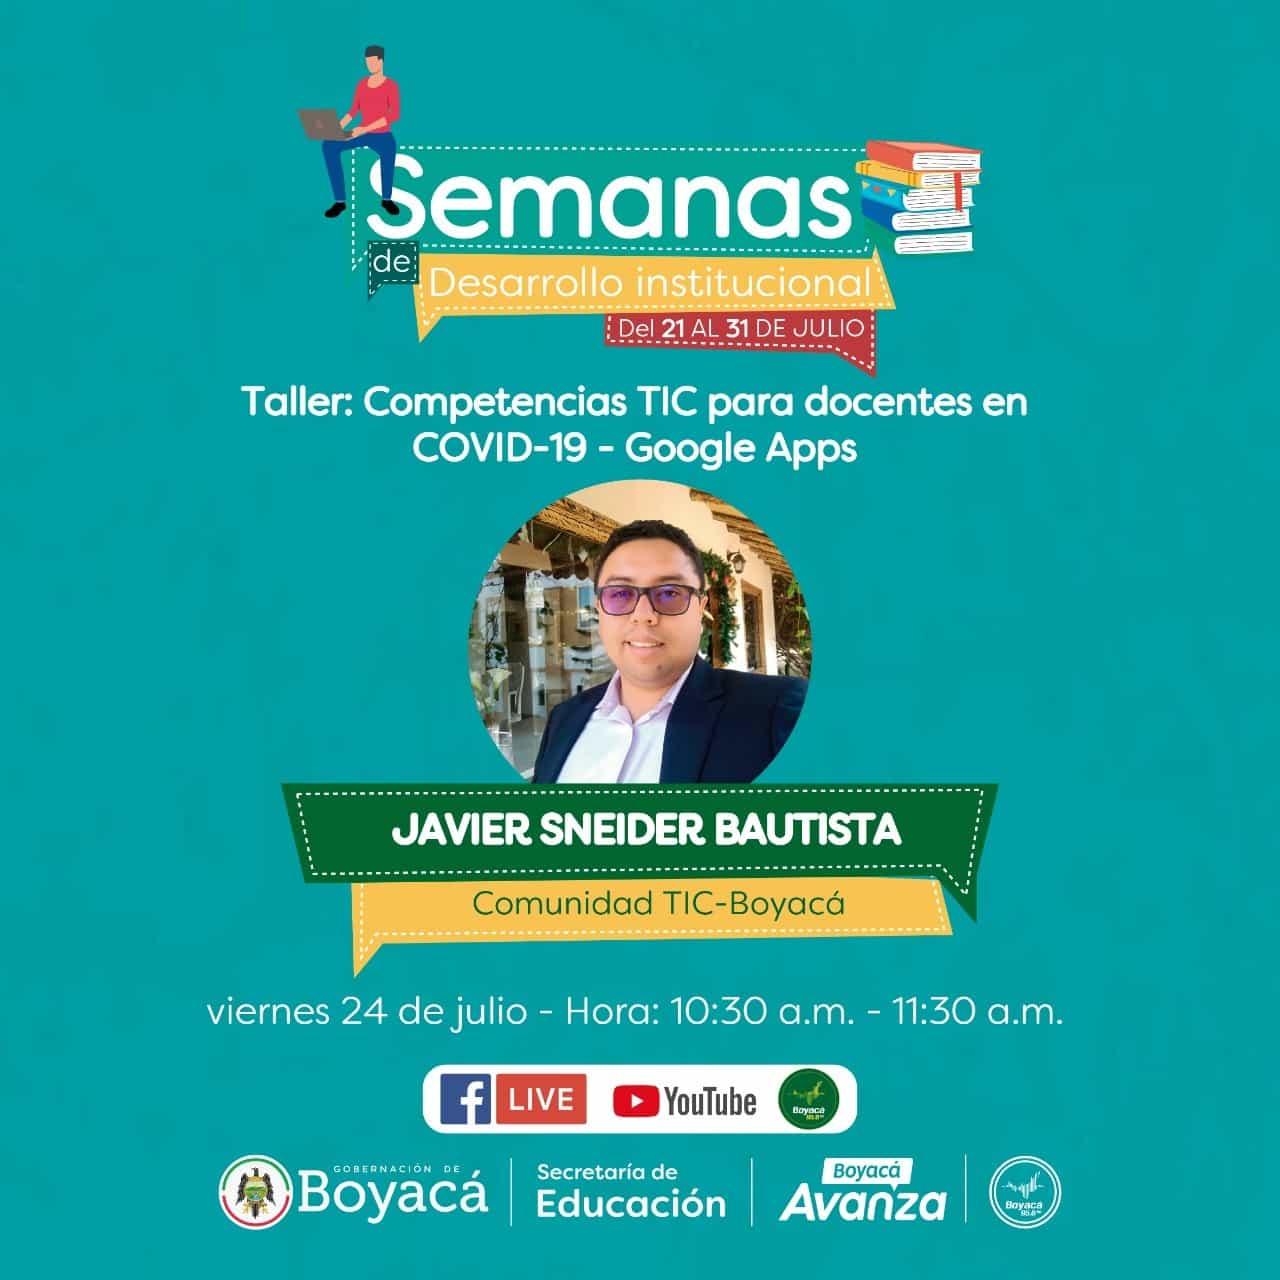 Hoy a las 10:30am #EnVivo desde el Canal de Youtube de la Secretaría de Educación de Boyacá.